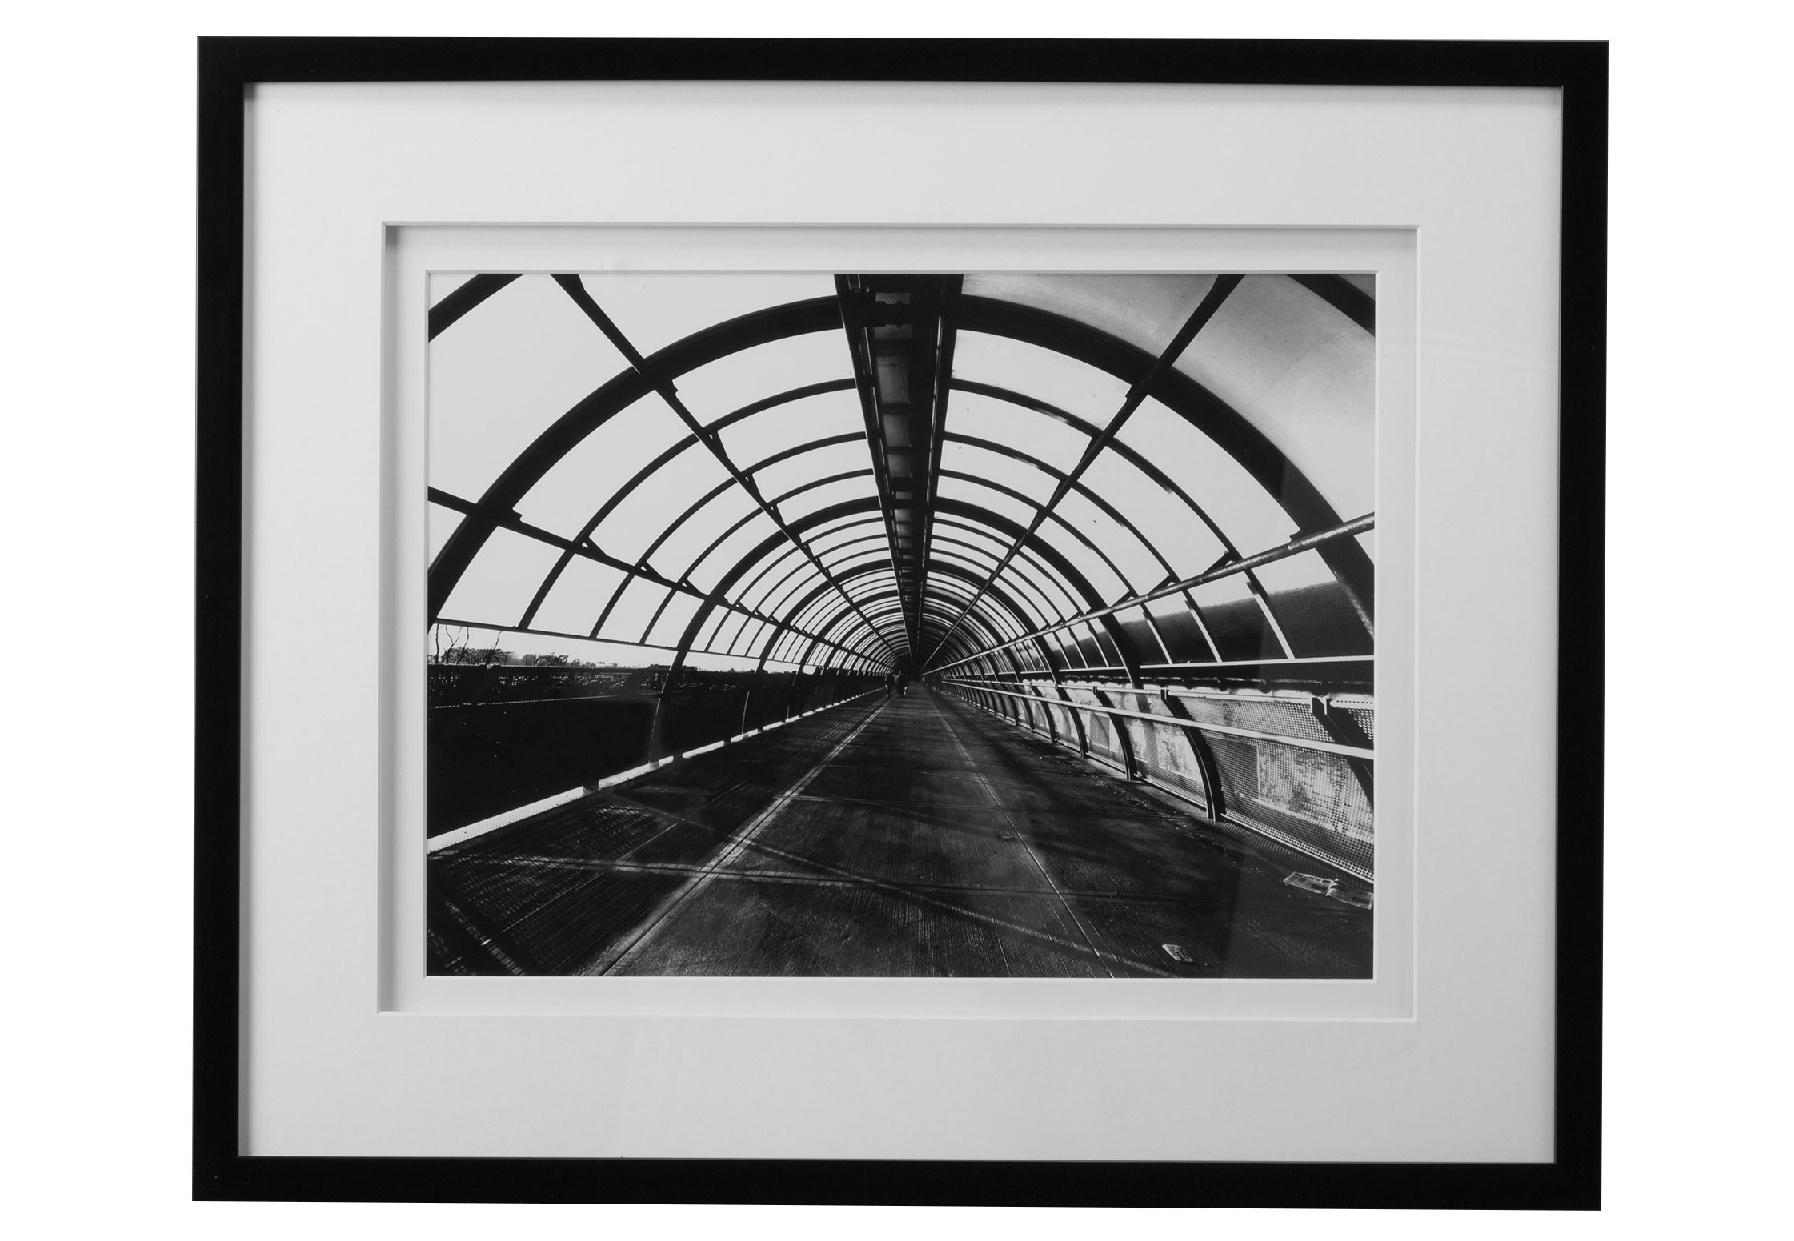 Постер с паспарту в рамеПостеры<br>Куда ведет этот туннель? Сможете ли в конце него увидеть долгожданный свет? Картина от MH позволит вам расширить границы своего восприятия. Всматриваясь в ее графичный черно-белый рисунок, вы сможете подумать о будущем и что-то решить для себя. Такой декор отлично подойдет для рабочего кабинета,где иногда нужно отвлекаться от дел.&amp;amp;nbsp;&amp;lt;div&amp;gt;&amp;lt;br&amp;gt;&amp;lt;/div&amp;gt;&amp;lt;div&amp;gt;Рама - дерево.&amp;lt;/div&amp;gt;<br><br>Material: Бумага<br>Width см: 58<br>Depth см: 3<br>Height см: 48